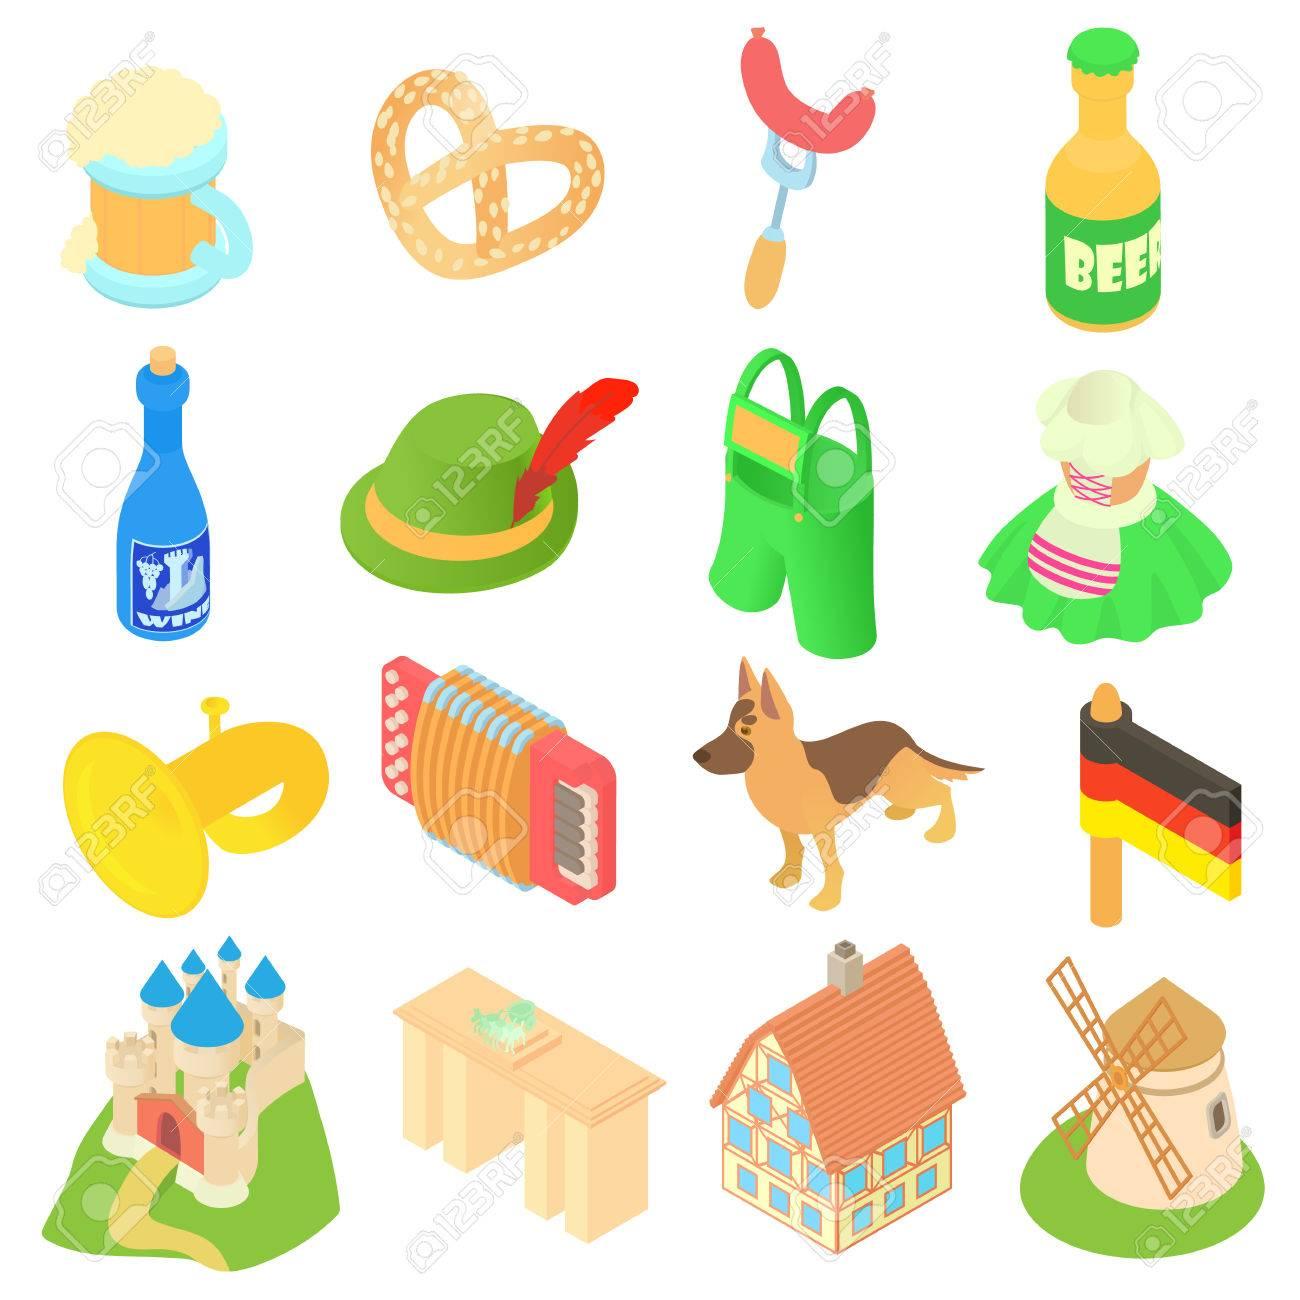 432bea202d688 Foto de archivo - Iconos de Alemania ubicado en el estilo 3D isométrica.  Alemania elementos Fest y atracciones conjunto de recopilación ilustración  ...